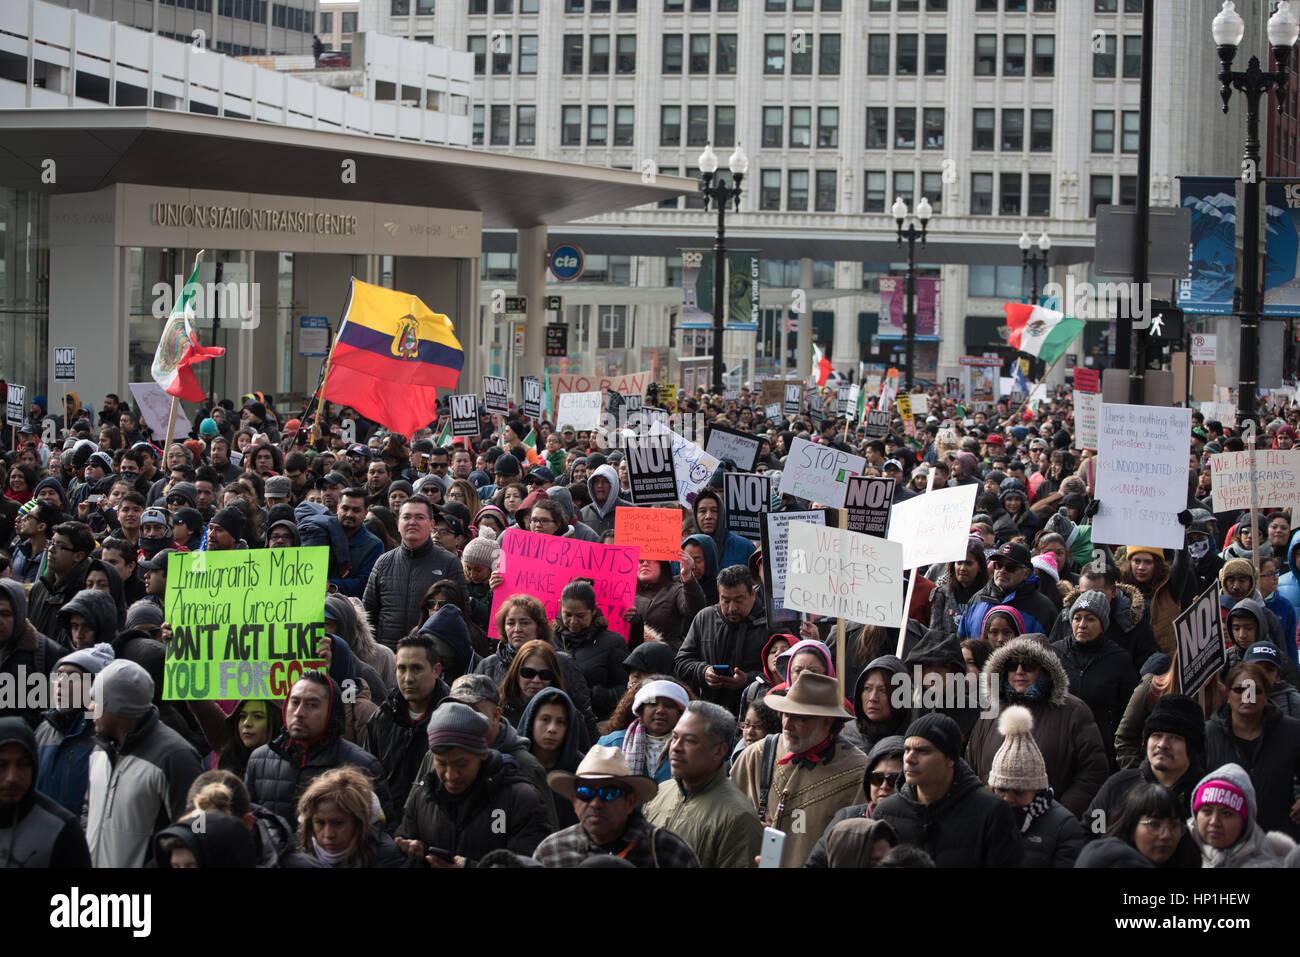 Chicago, USA. 16 Février, 2017. Les manifestants ont défilé à Chicago dans le cadre d'une Photo Stock